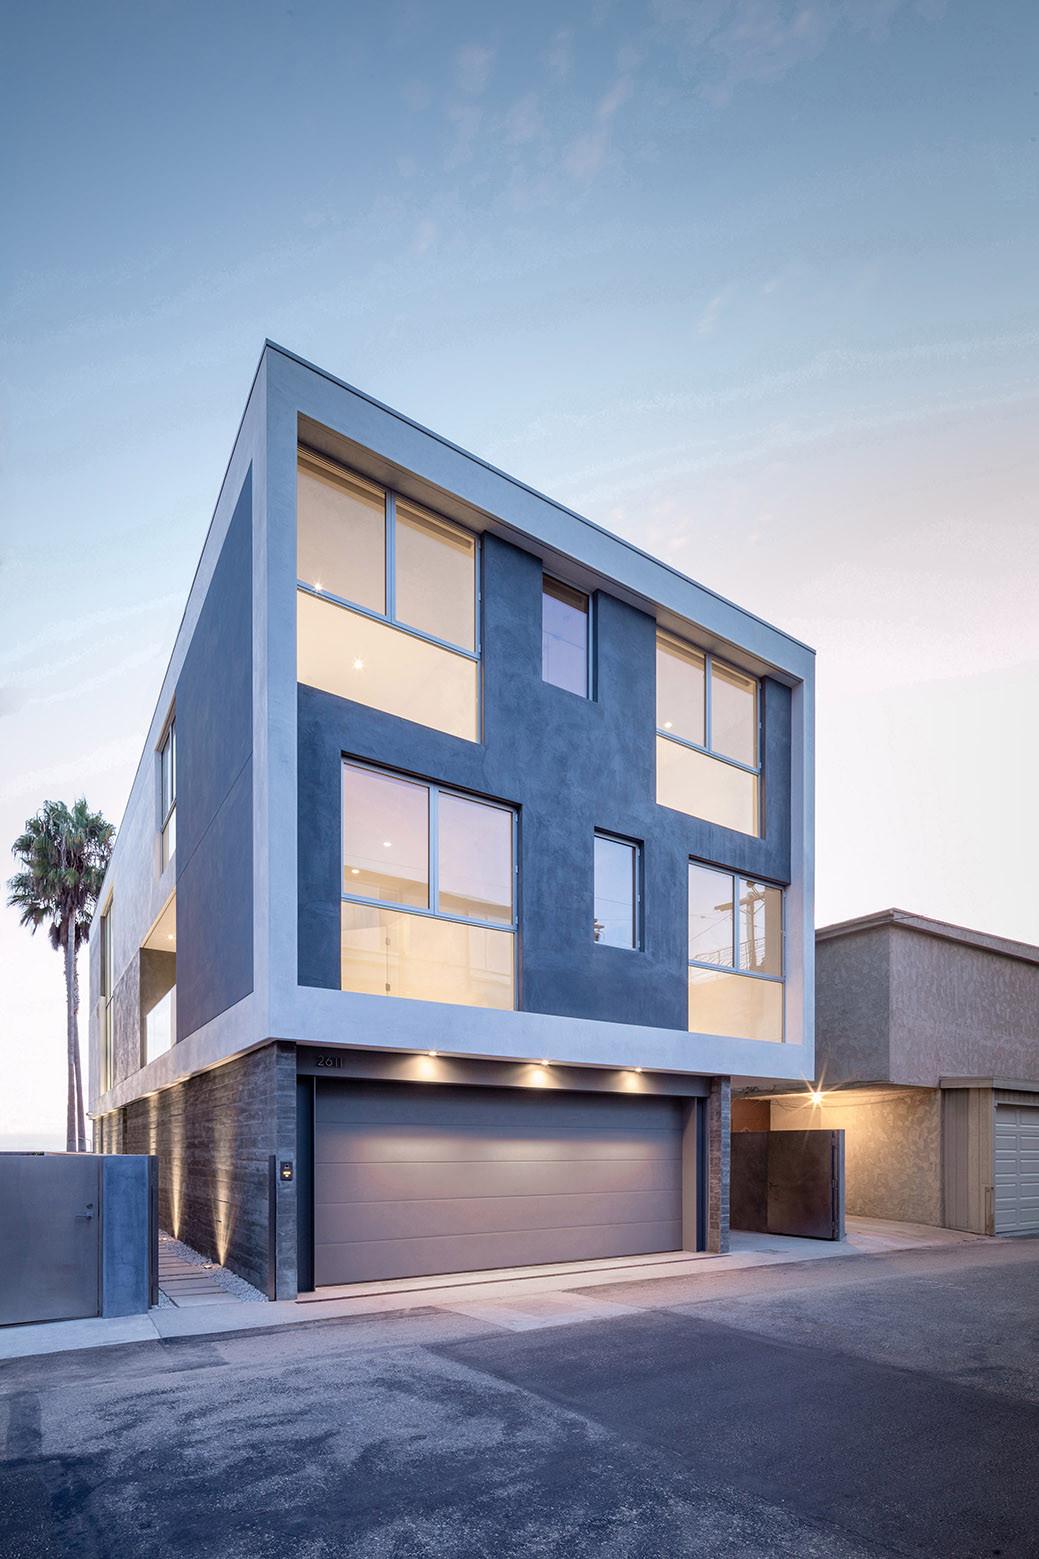 Zig zag house dan brunn architecture